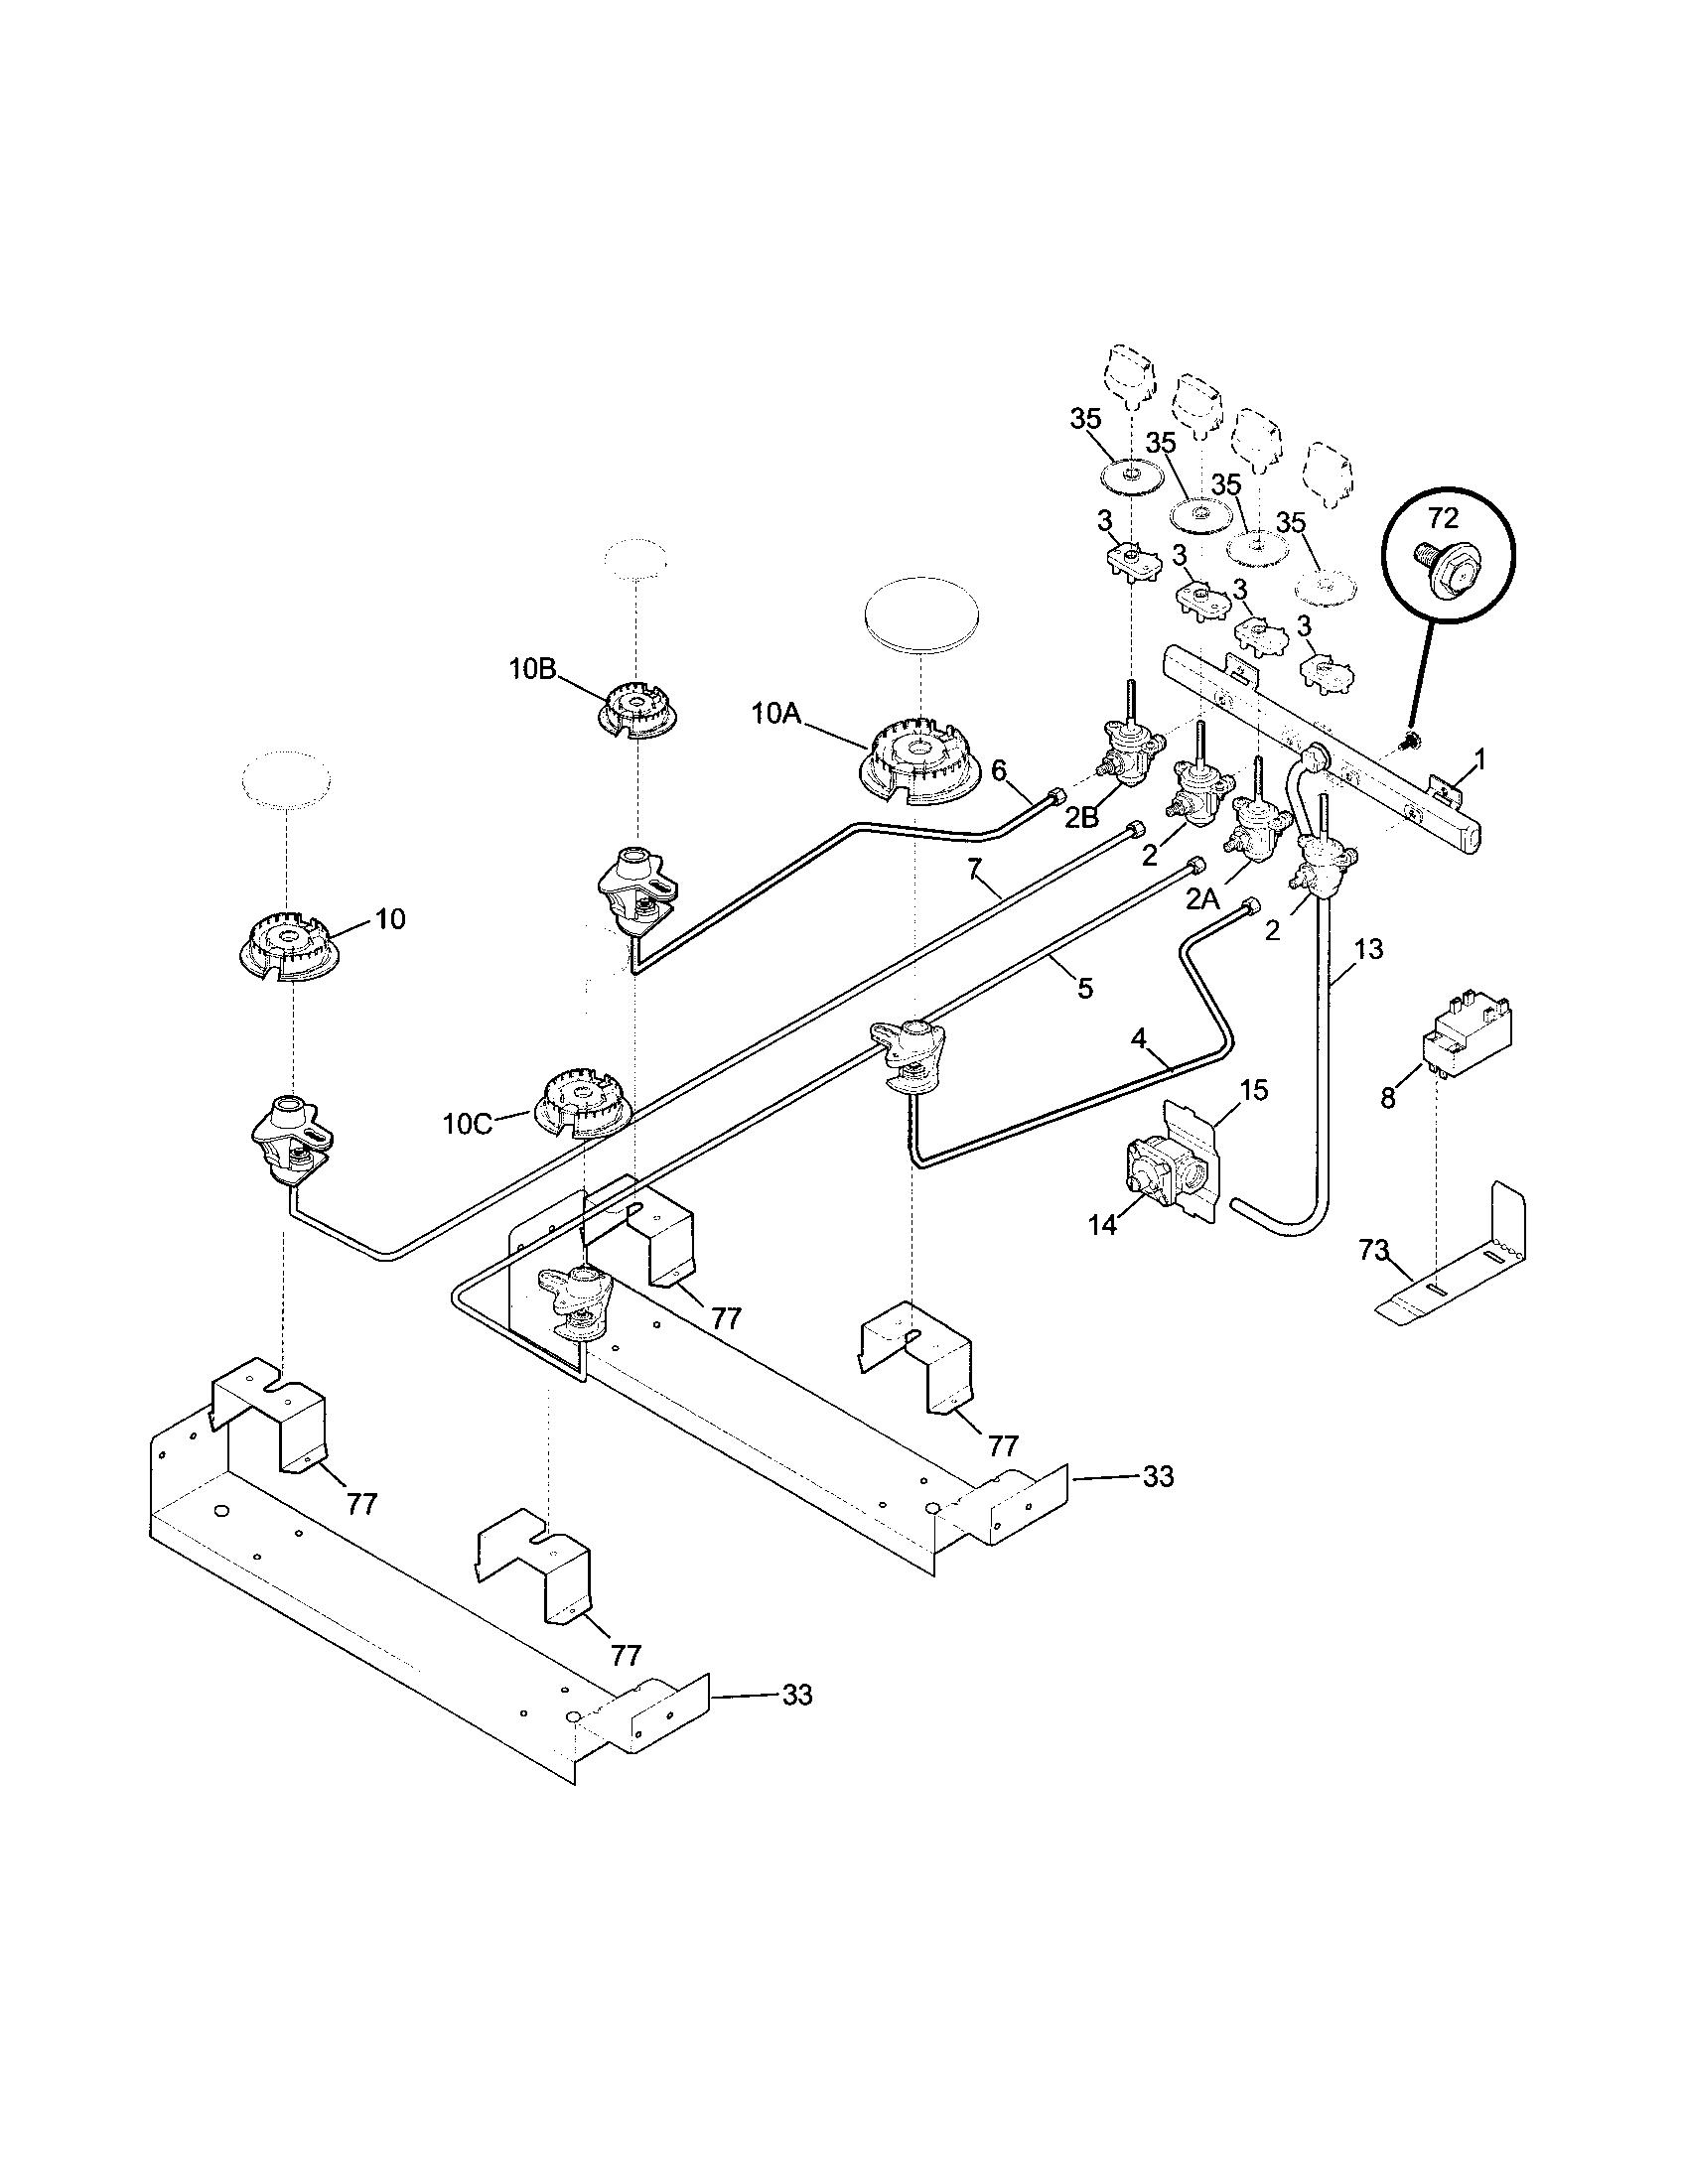 BURNER Diagram & Parts List for Model 79046833100 Kenmore